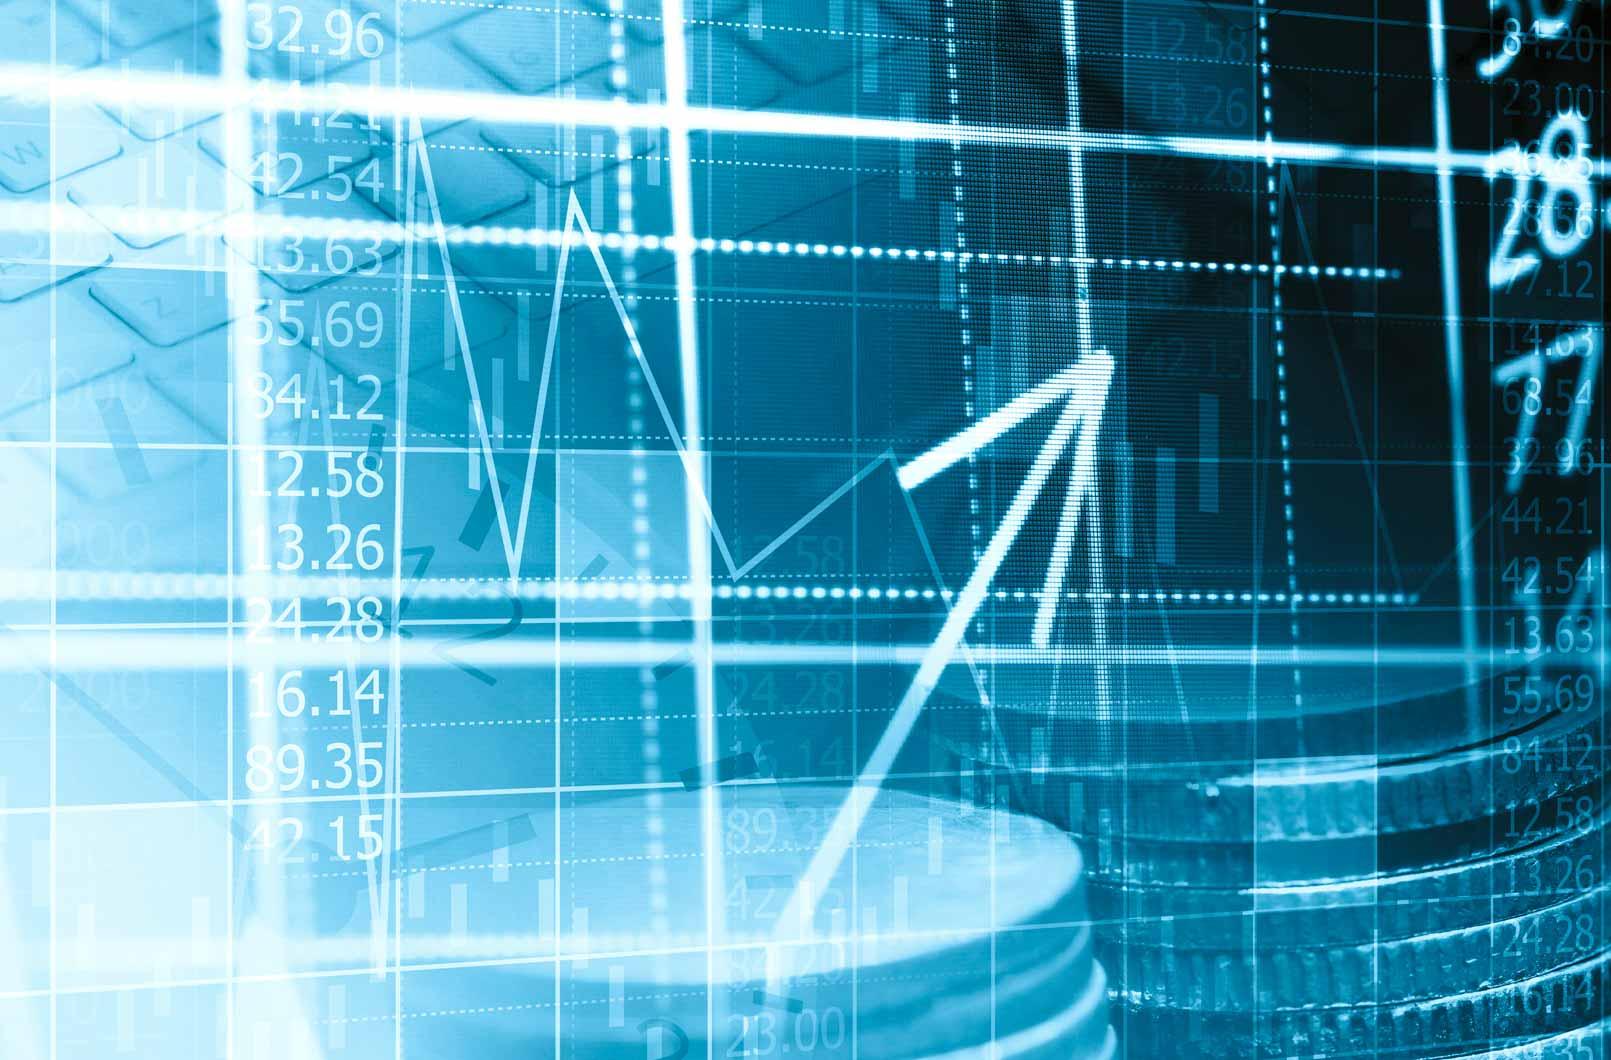 Exportação gaúcha cresce 18,1% no primeiro trimestre